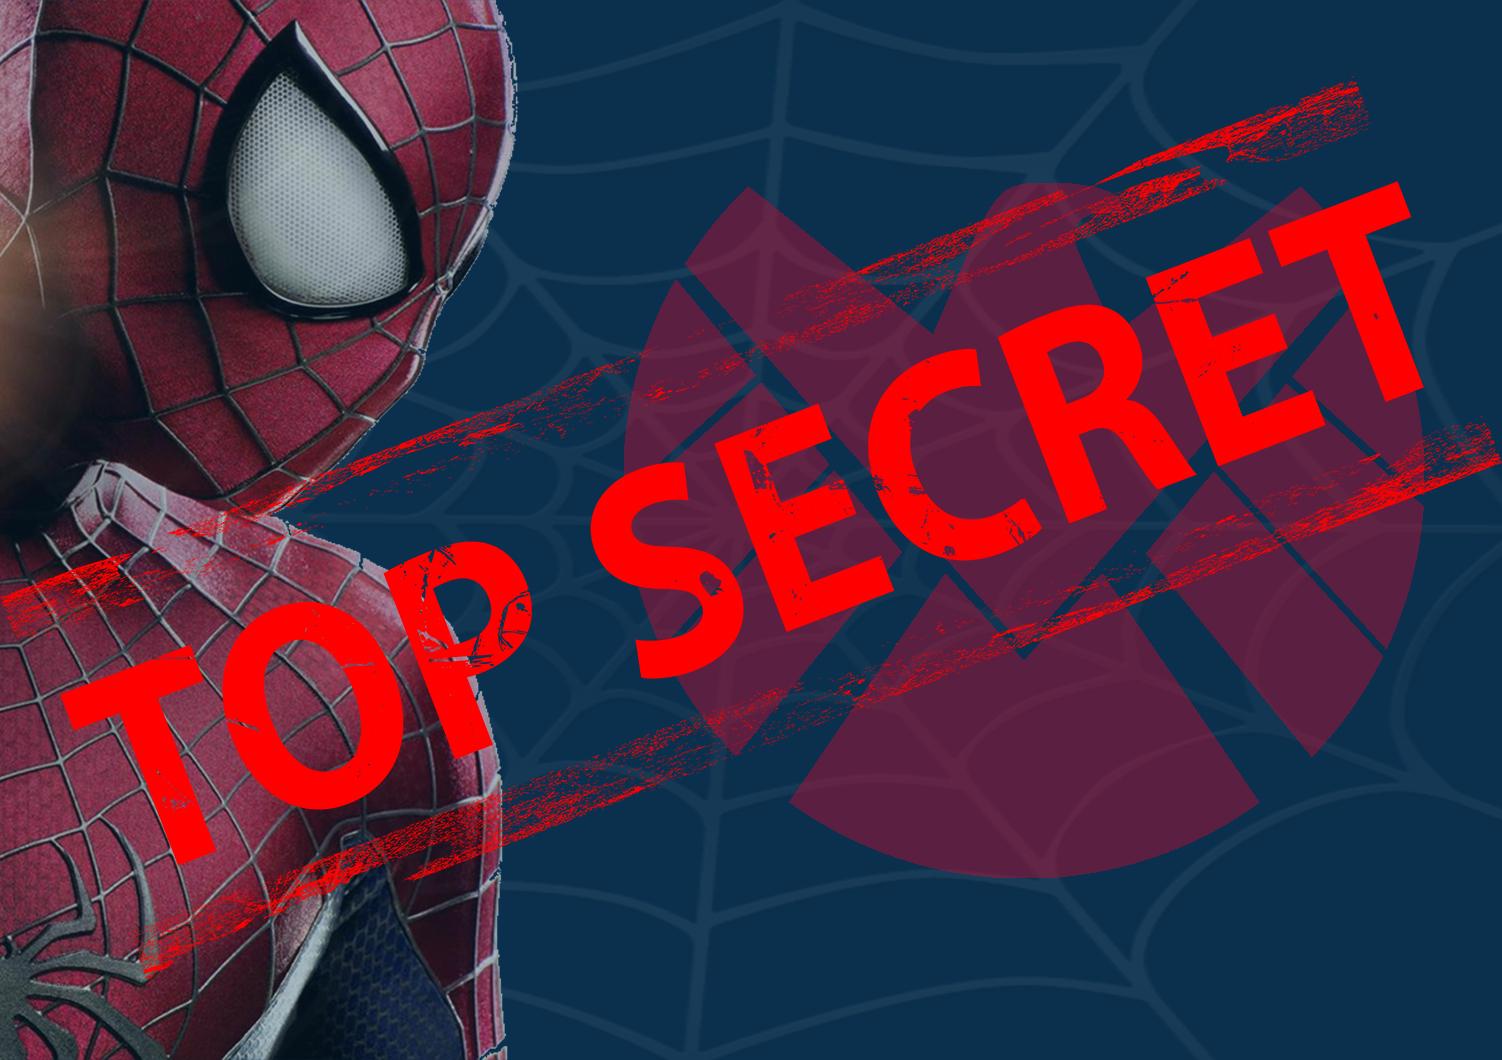 Spider-Man en Capitán América: Civil War: ¿Secreto de Estado?